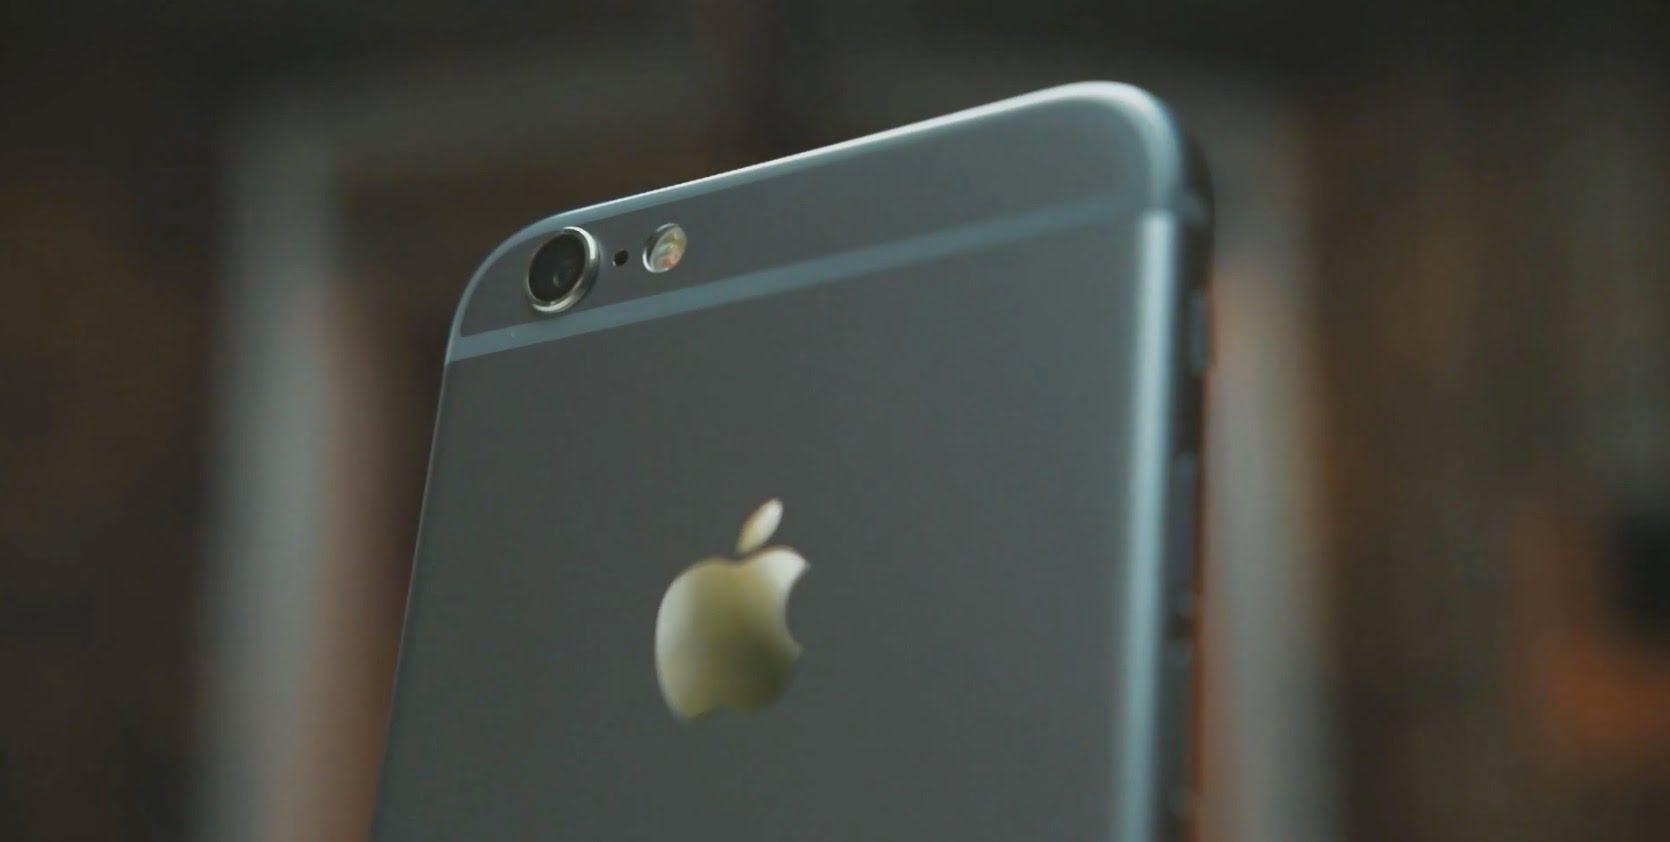 IPhone 6 Fremvist I Kæmpe-læk